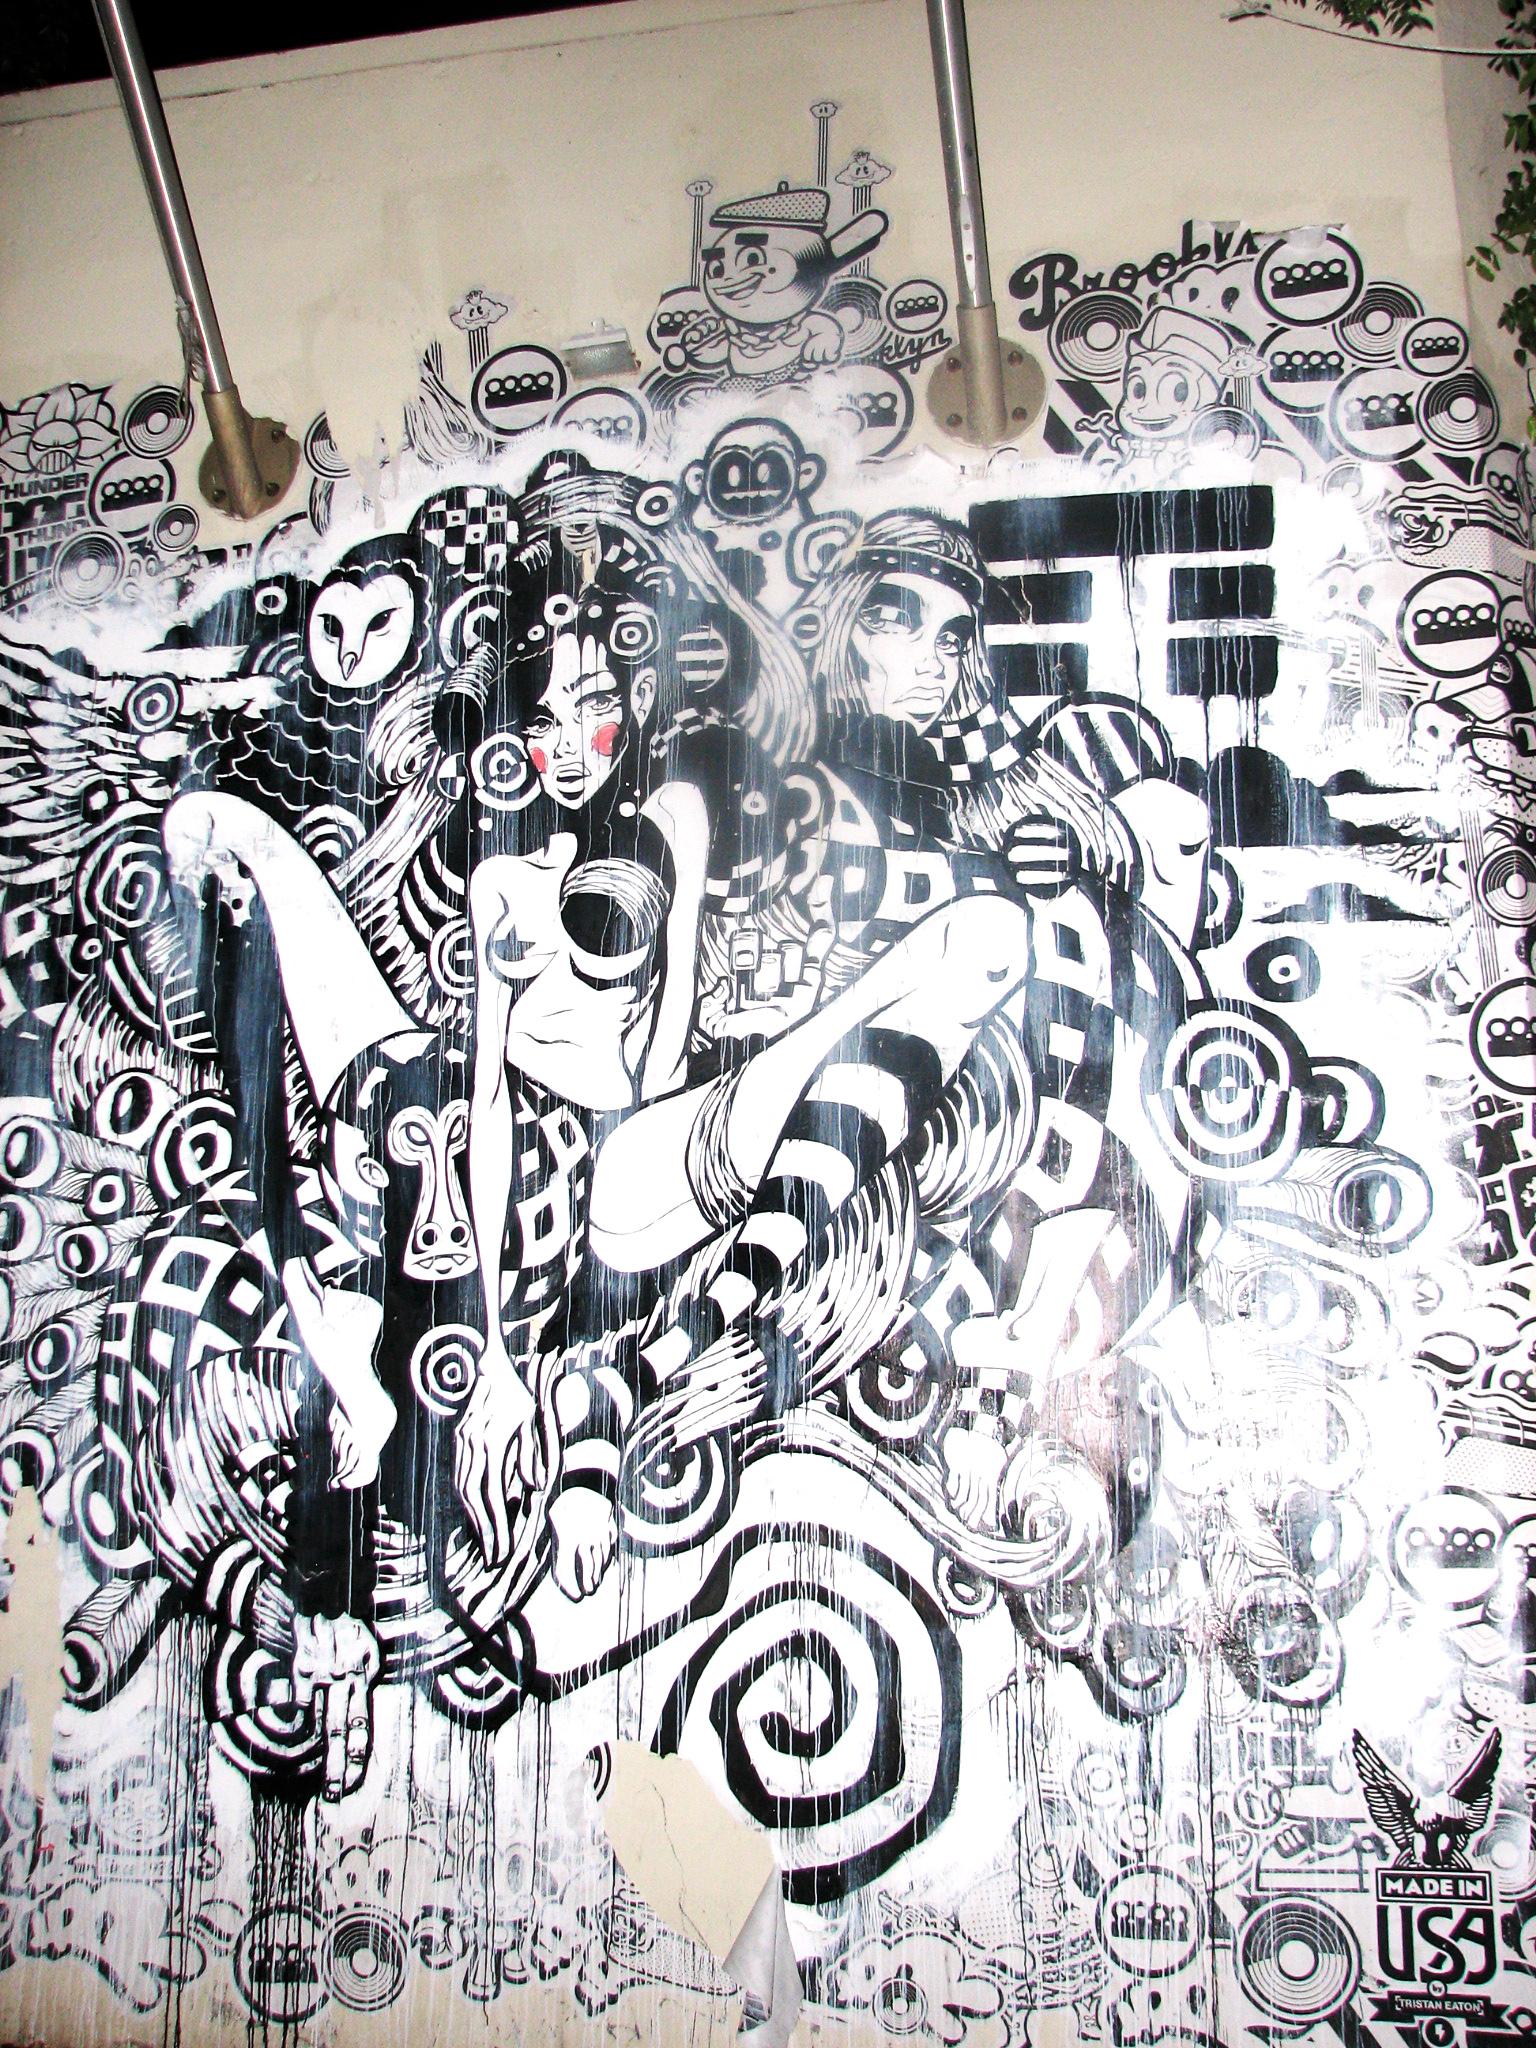 Fabuleux Miami Urban Street Art & Graffiti Part One: Artists Sever & Willow  QW48